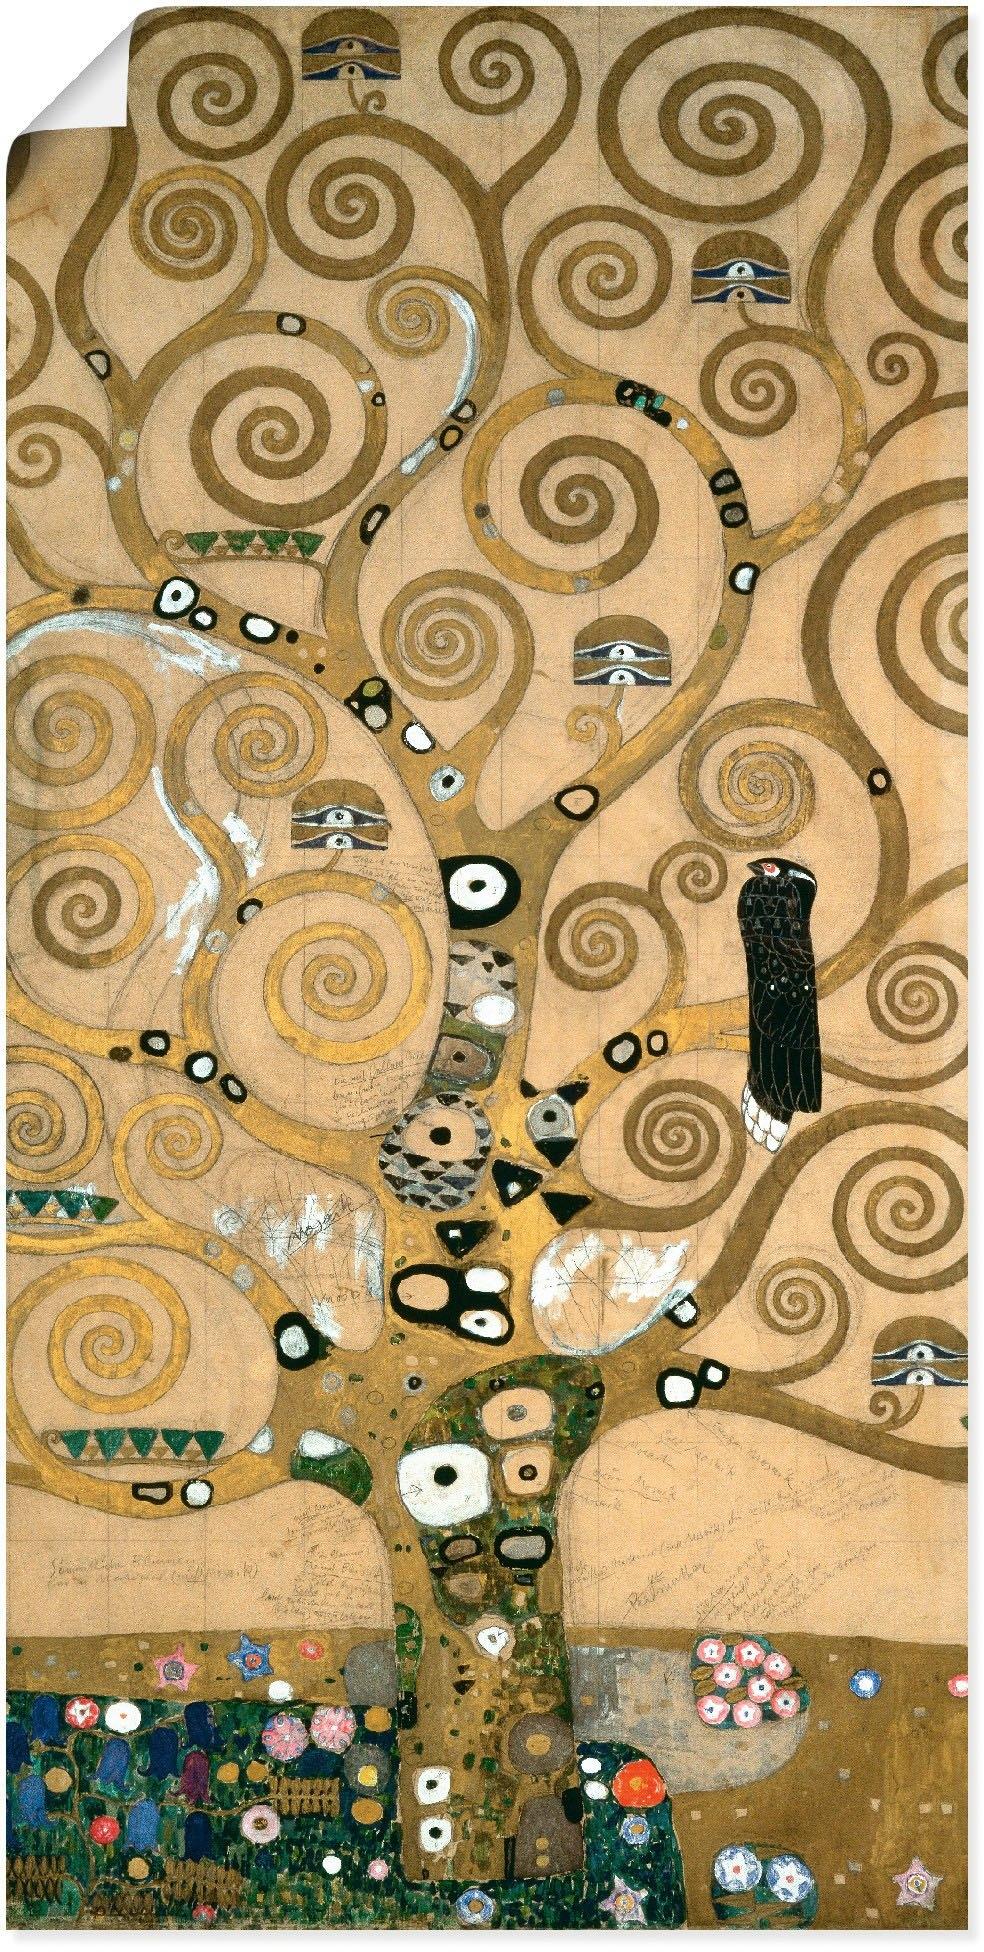 Artland artprint Levensboom. Detail, werksjabloon in vele afmetingen & productsoorten -artprint op linnen, poster, muursticker / wandfolie ook geschikt voor de badkamer (1 stuk) bestellen: 30 dagen bedenktijd